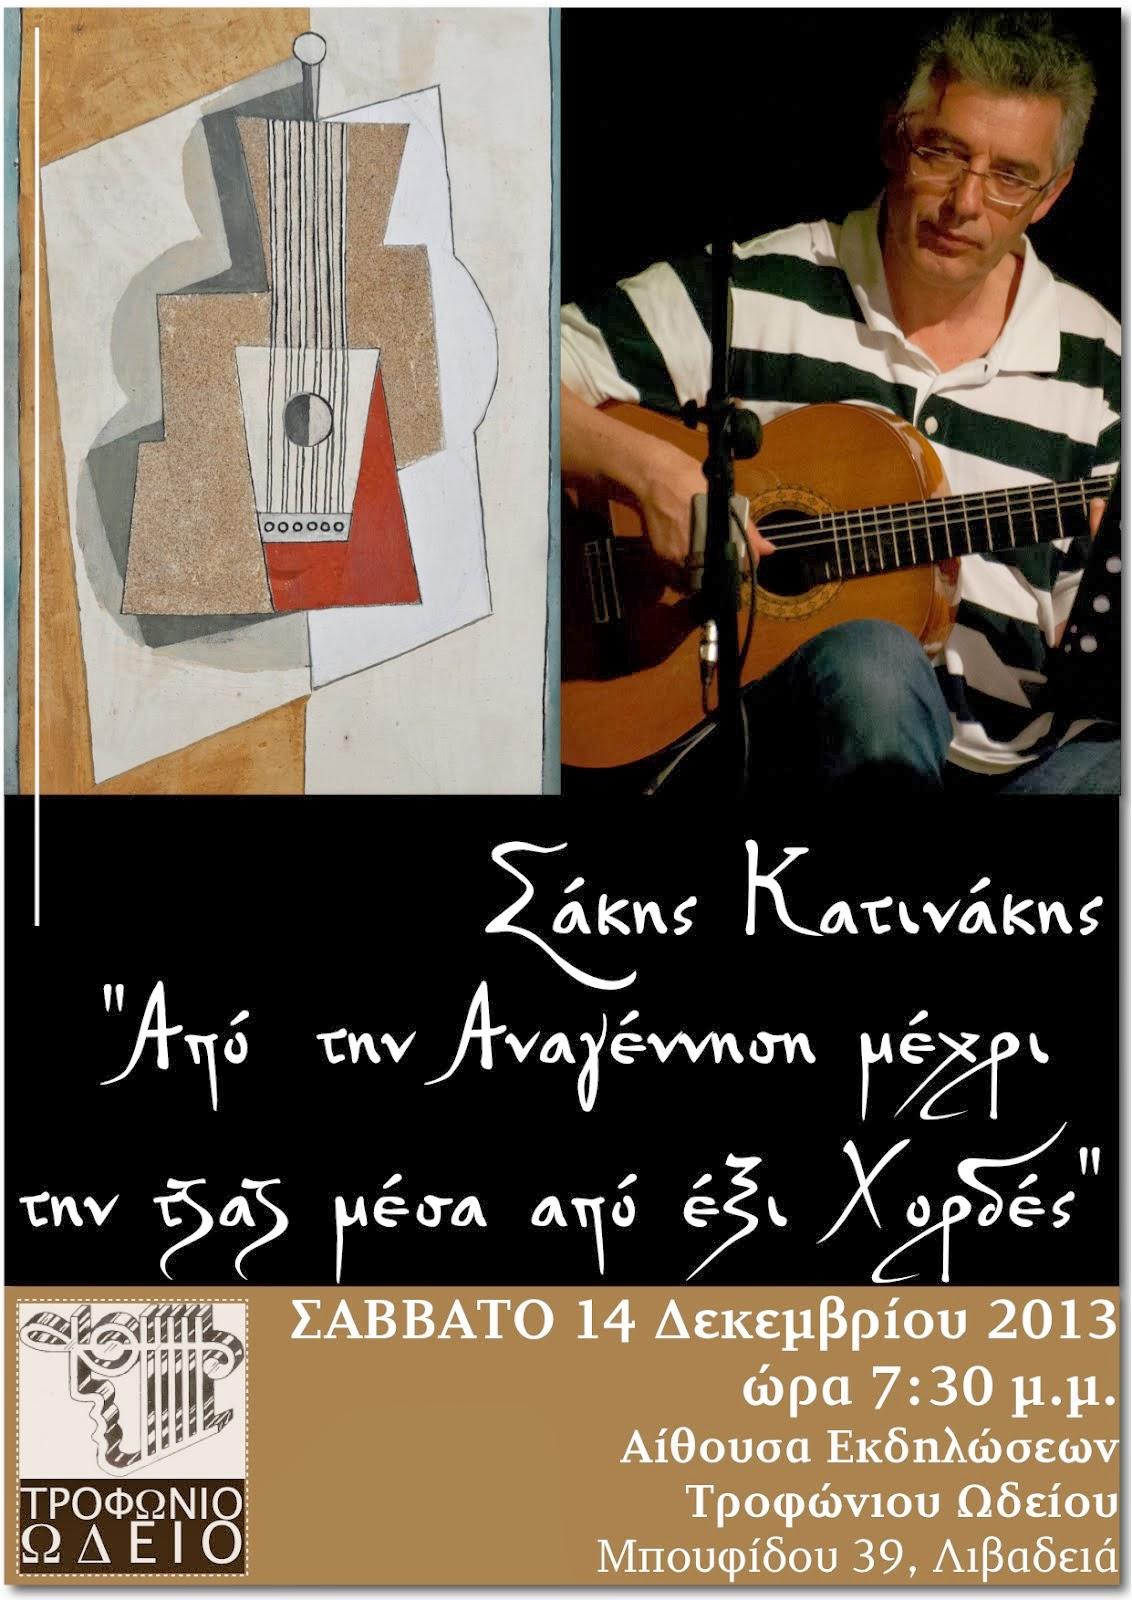 """Σάκης Κατινάκης """"Από  την Αναγέννηση μέχρι την τζαζ μέσα από έξι Χορδές"""""""